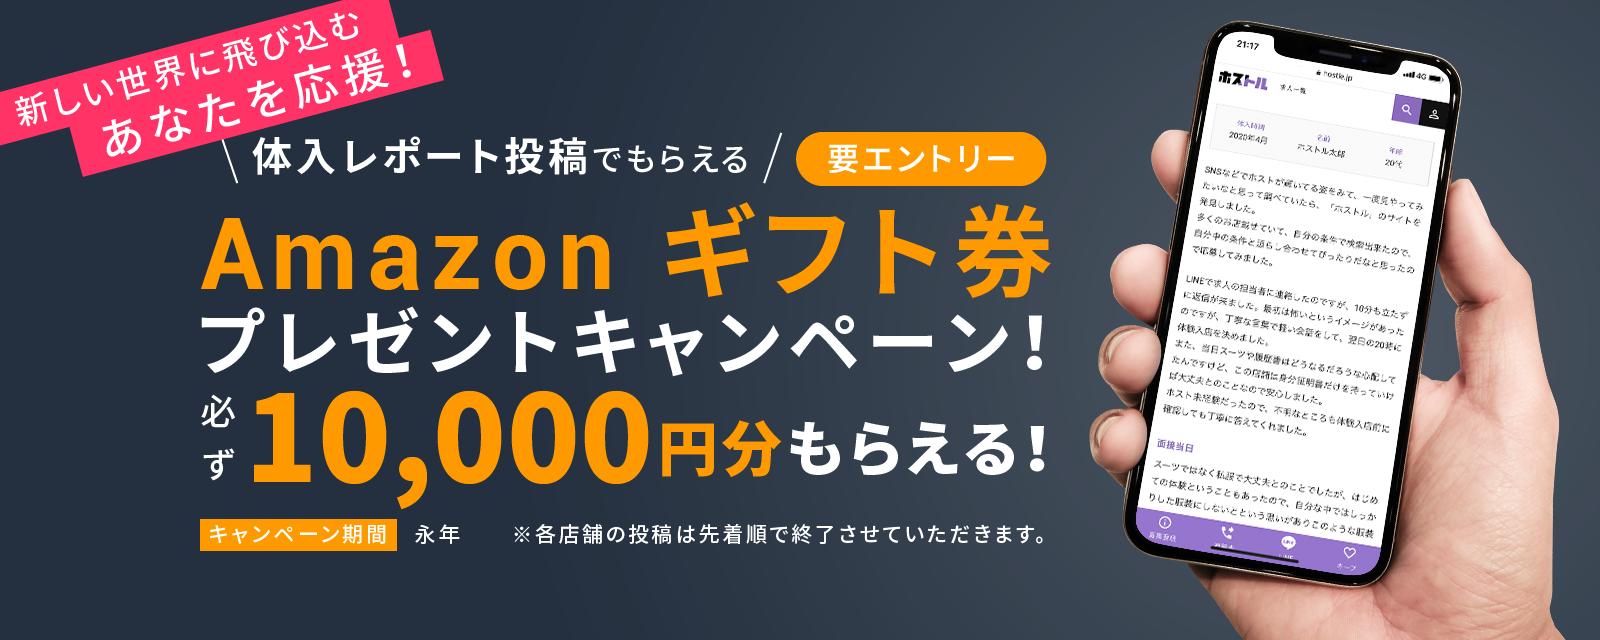 体入レポート投稿すると1万円もらえる